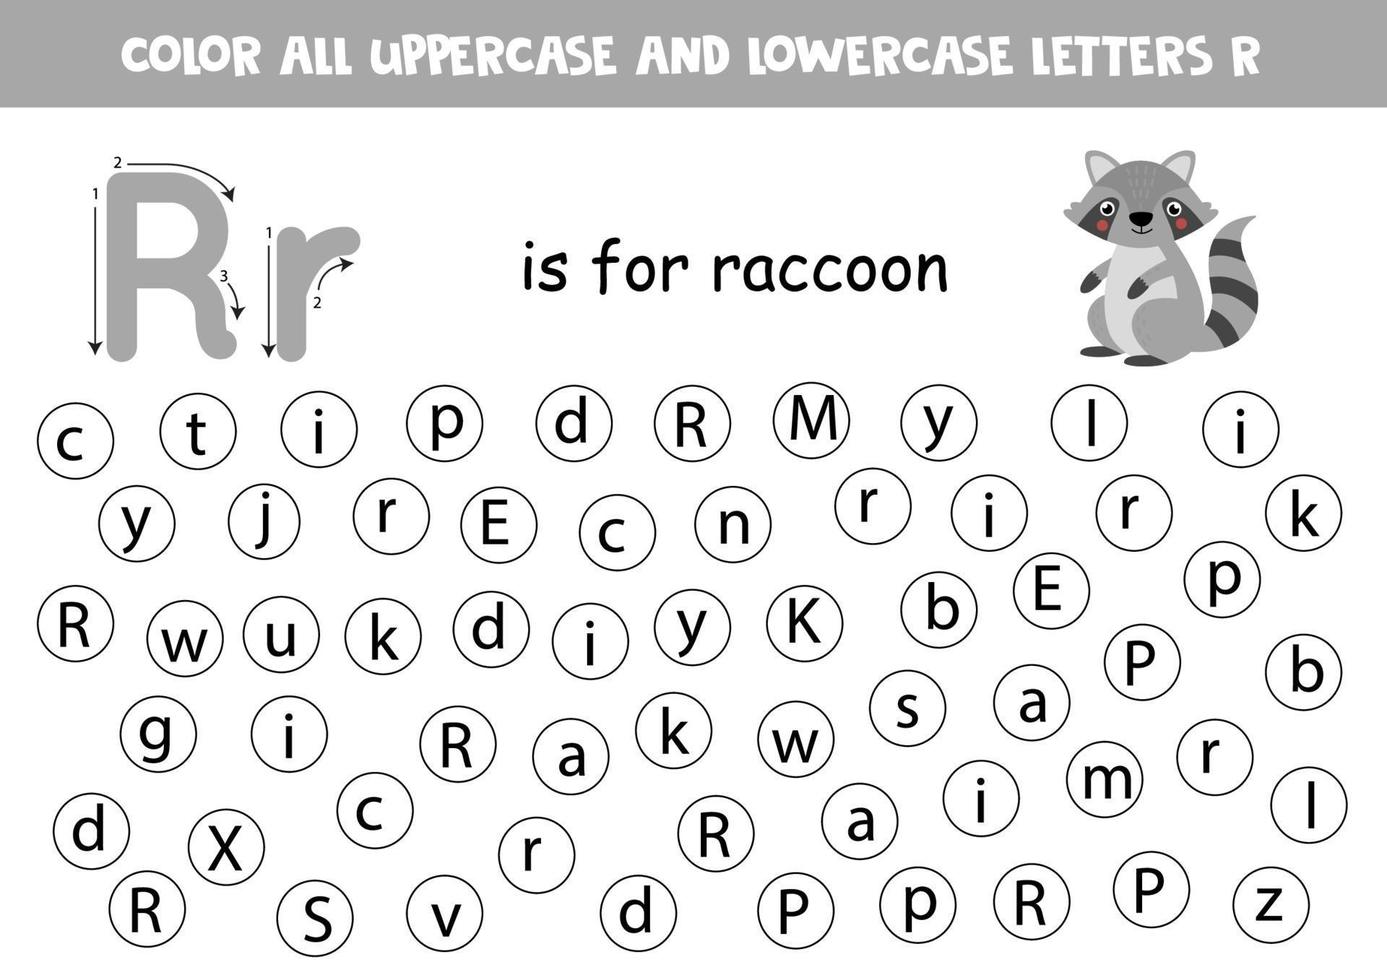 planilha do alfabeto. encontre todas as letras r. letras de pontos. vetor